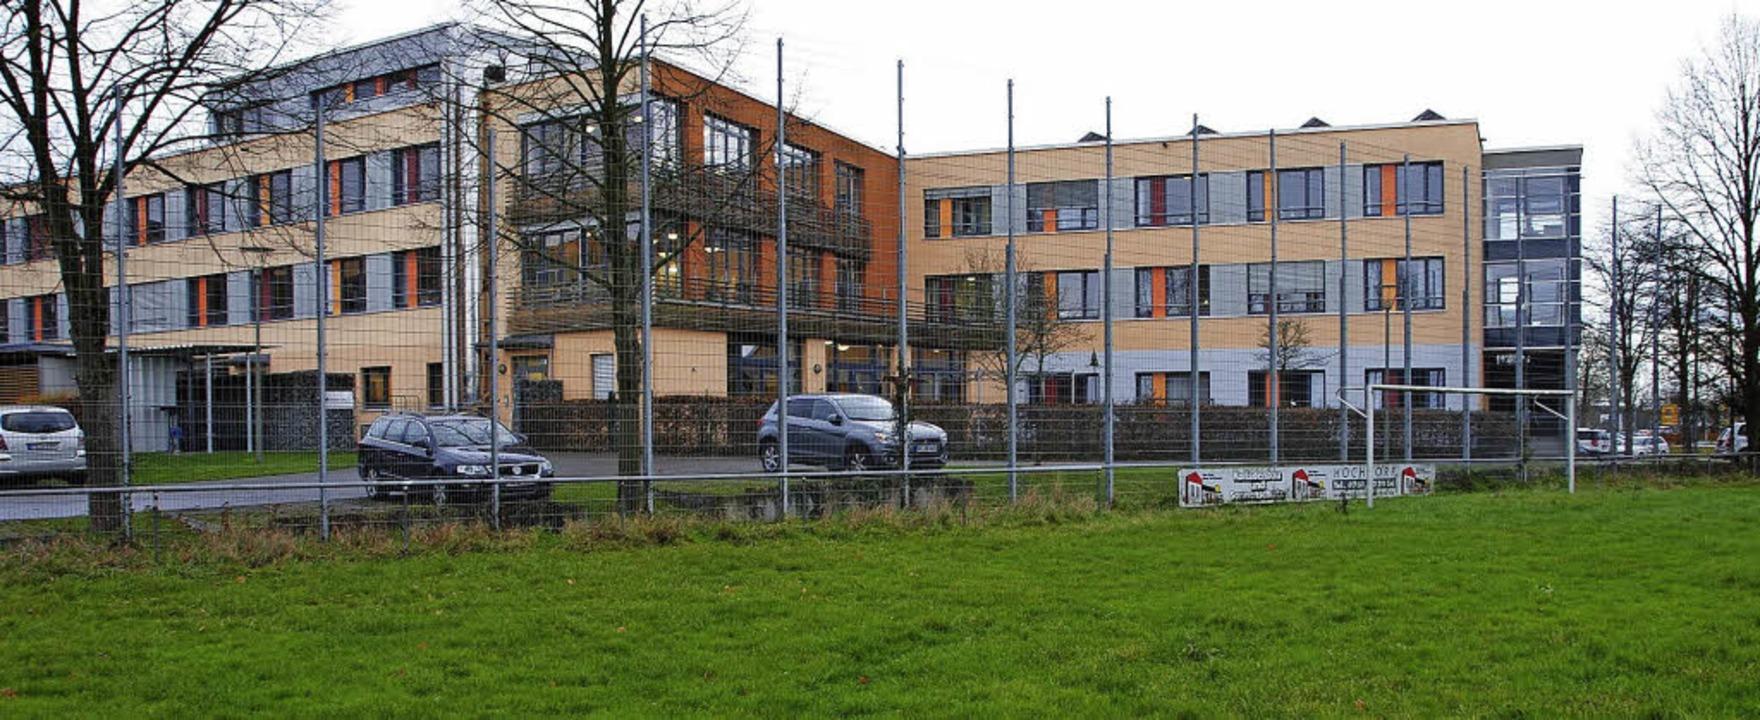 Für das Marcher DRK-Seniorenheim  ist ...enden Sportplatz  ein Neubau geplant.   | Foto: frietsch